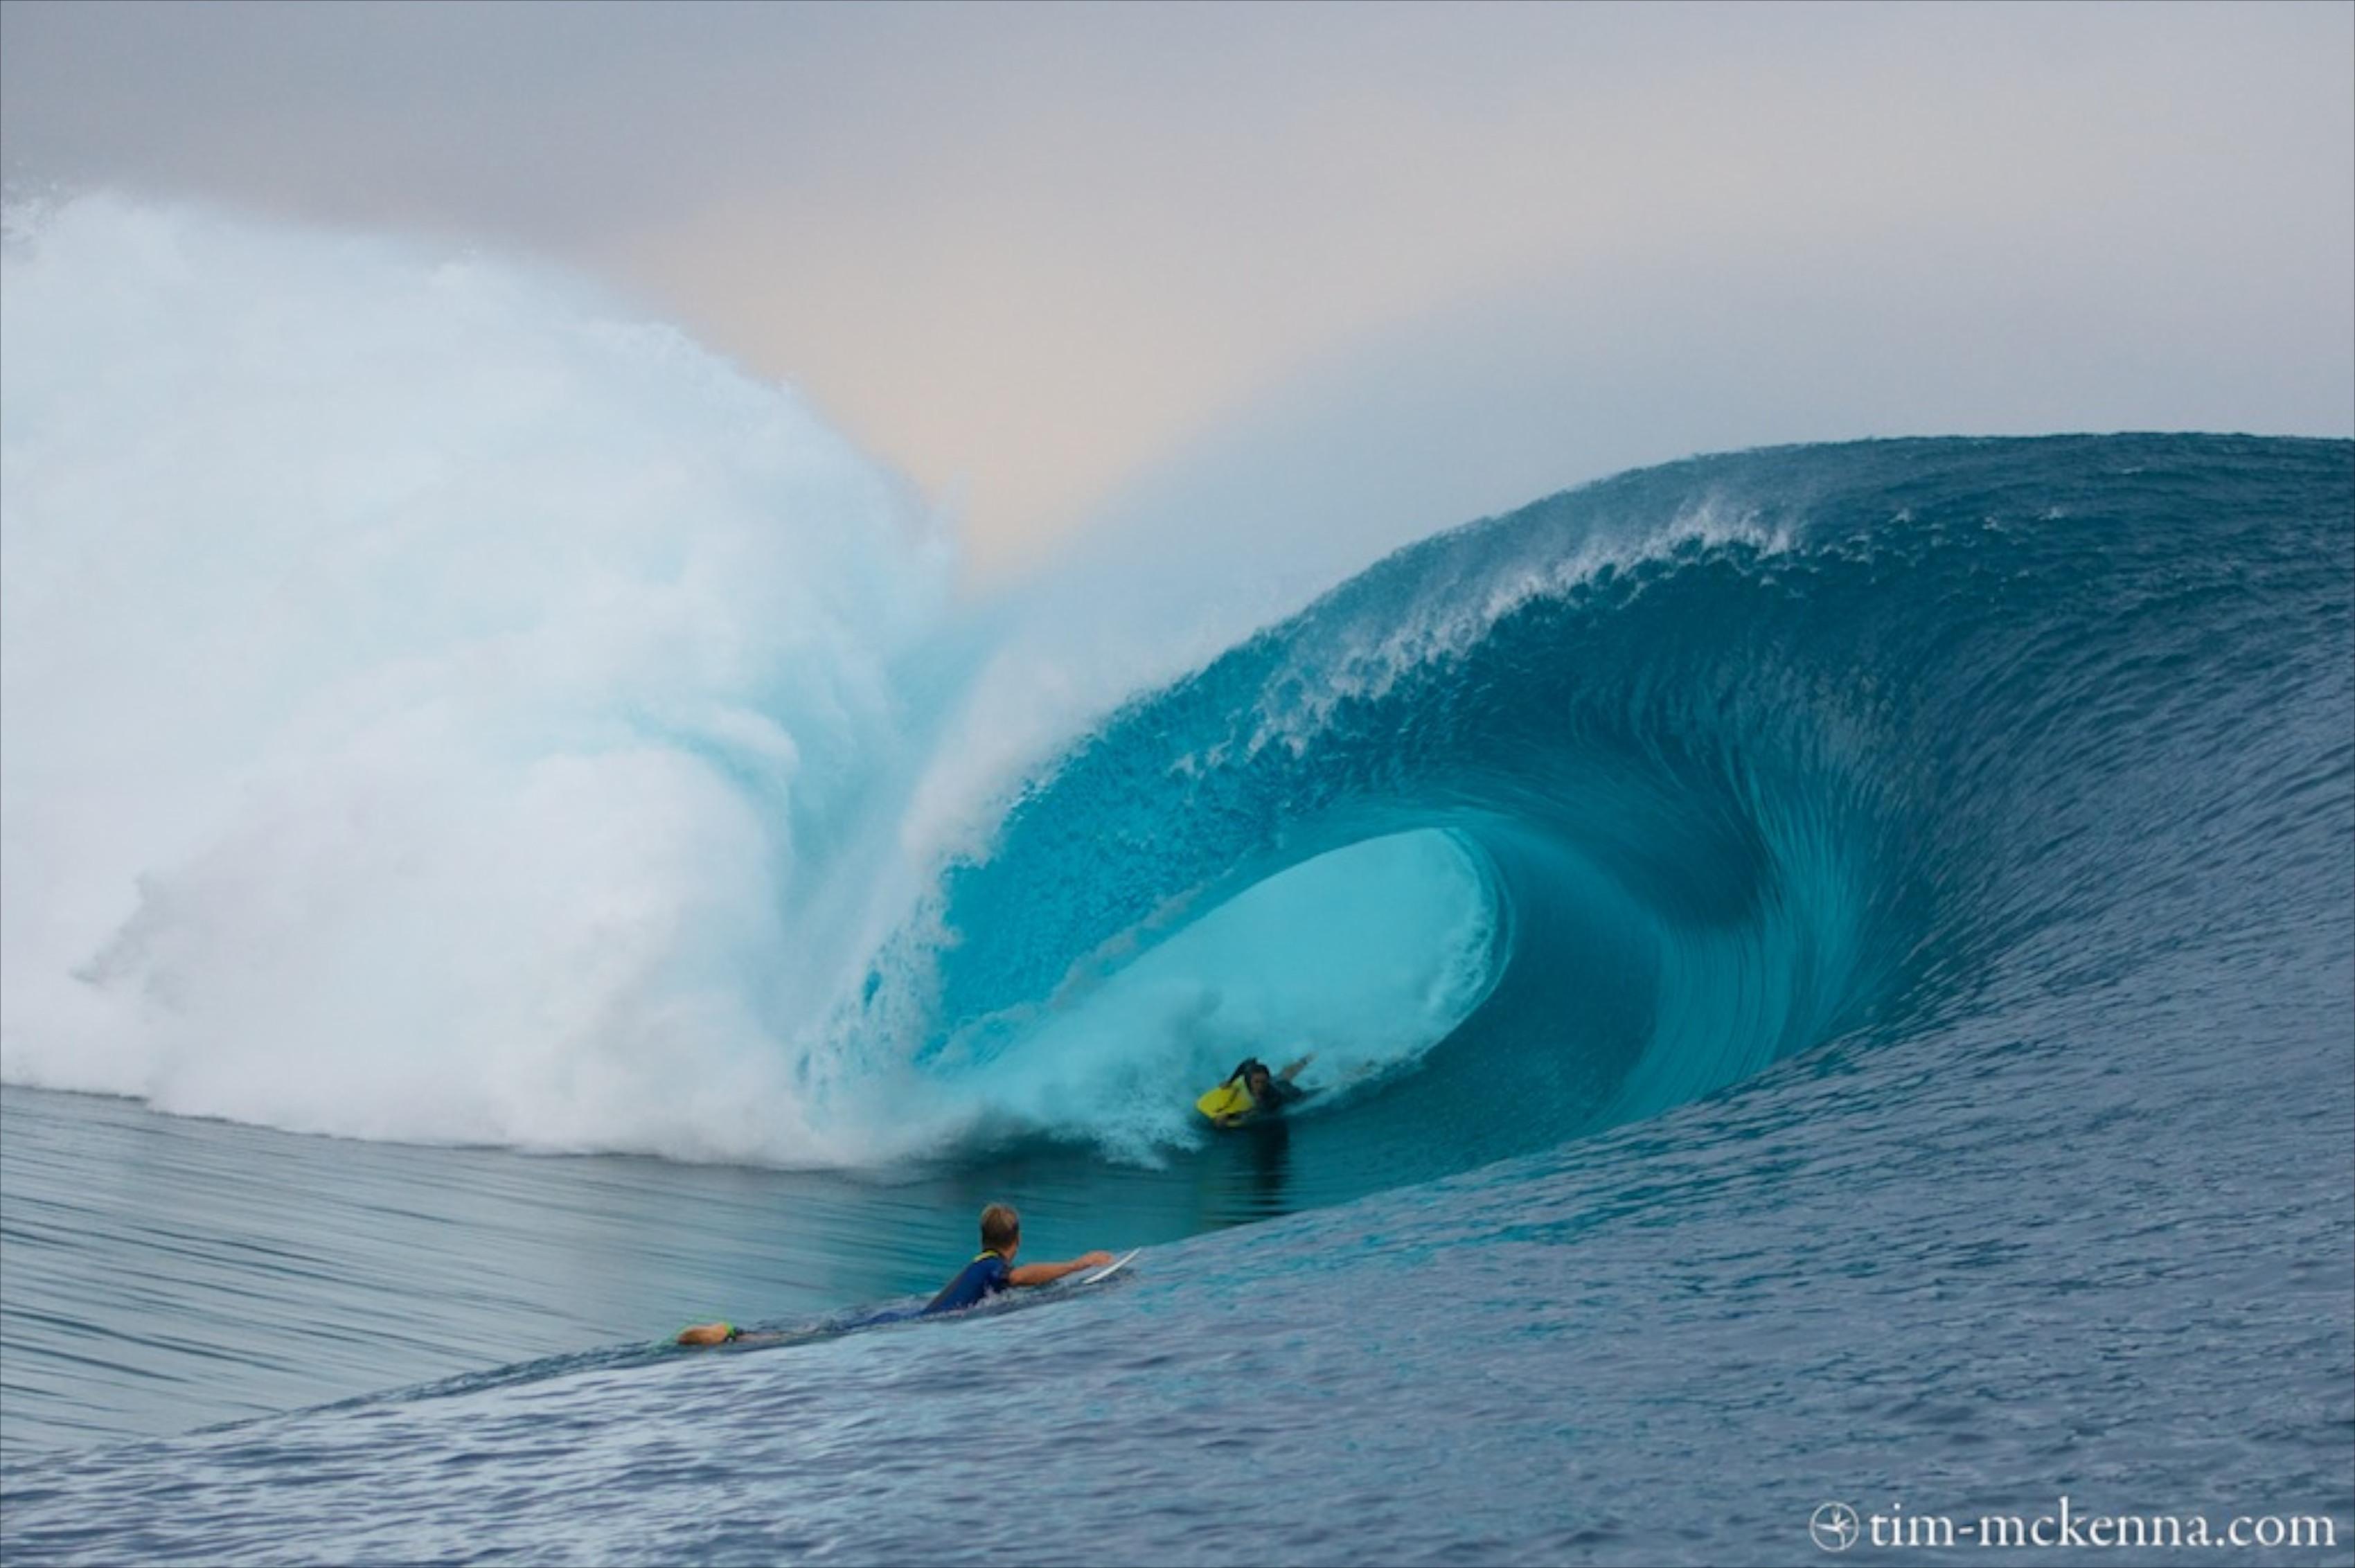 La vague qui aurait pu lui prendre la vie